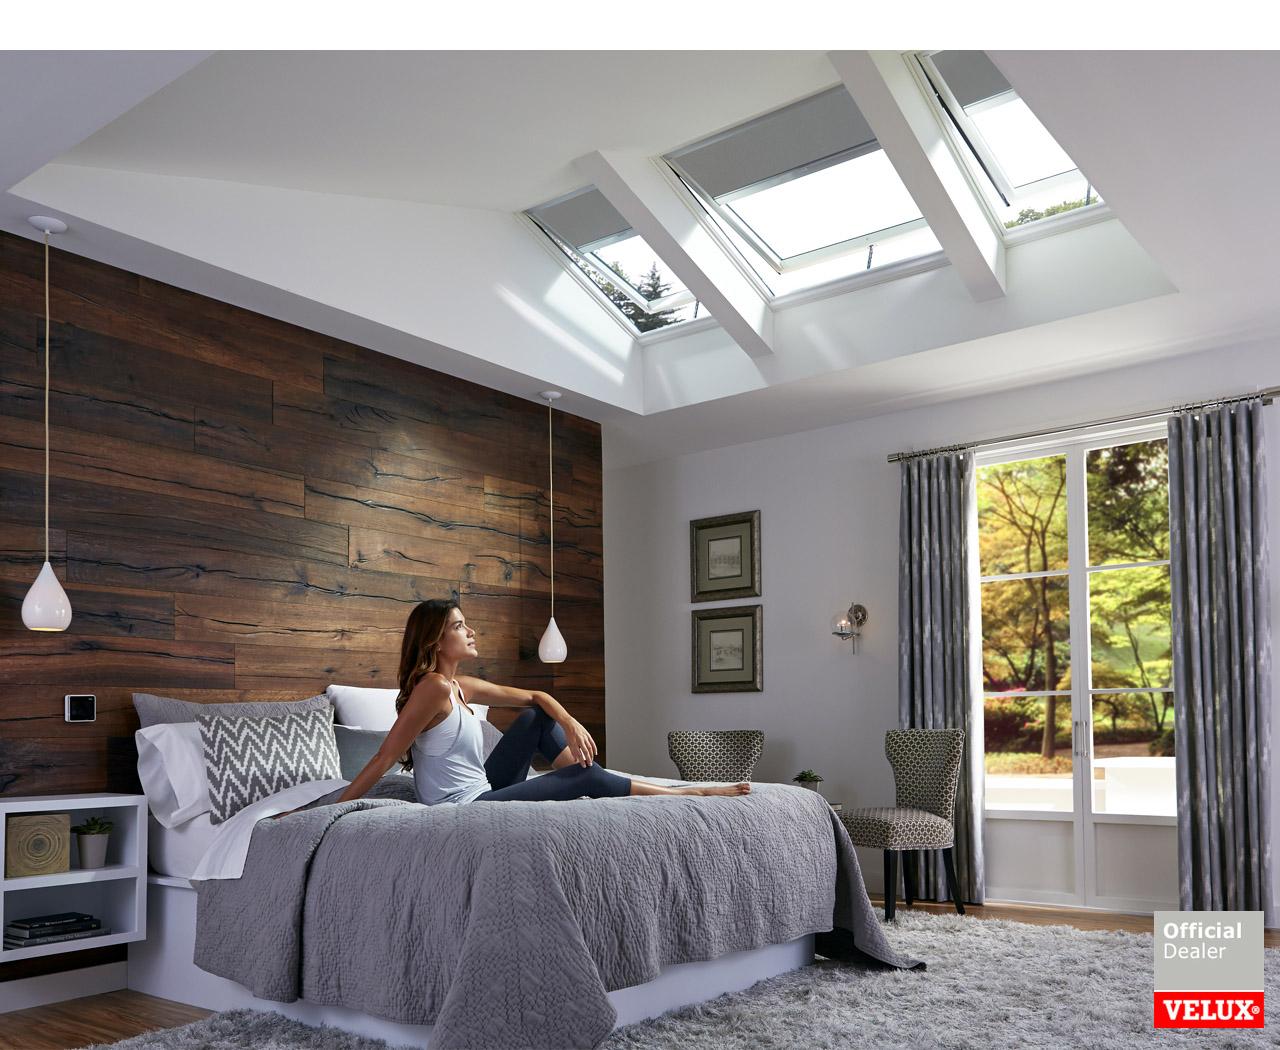 Vereiken zonwering uw velux raamdecoratie dealer van helmond tel